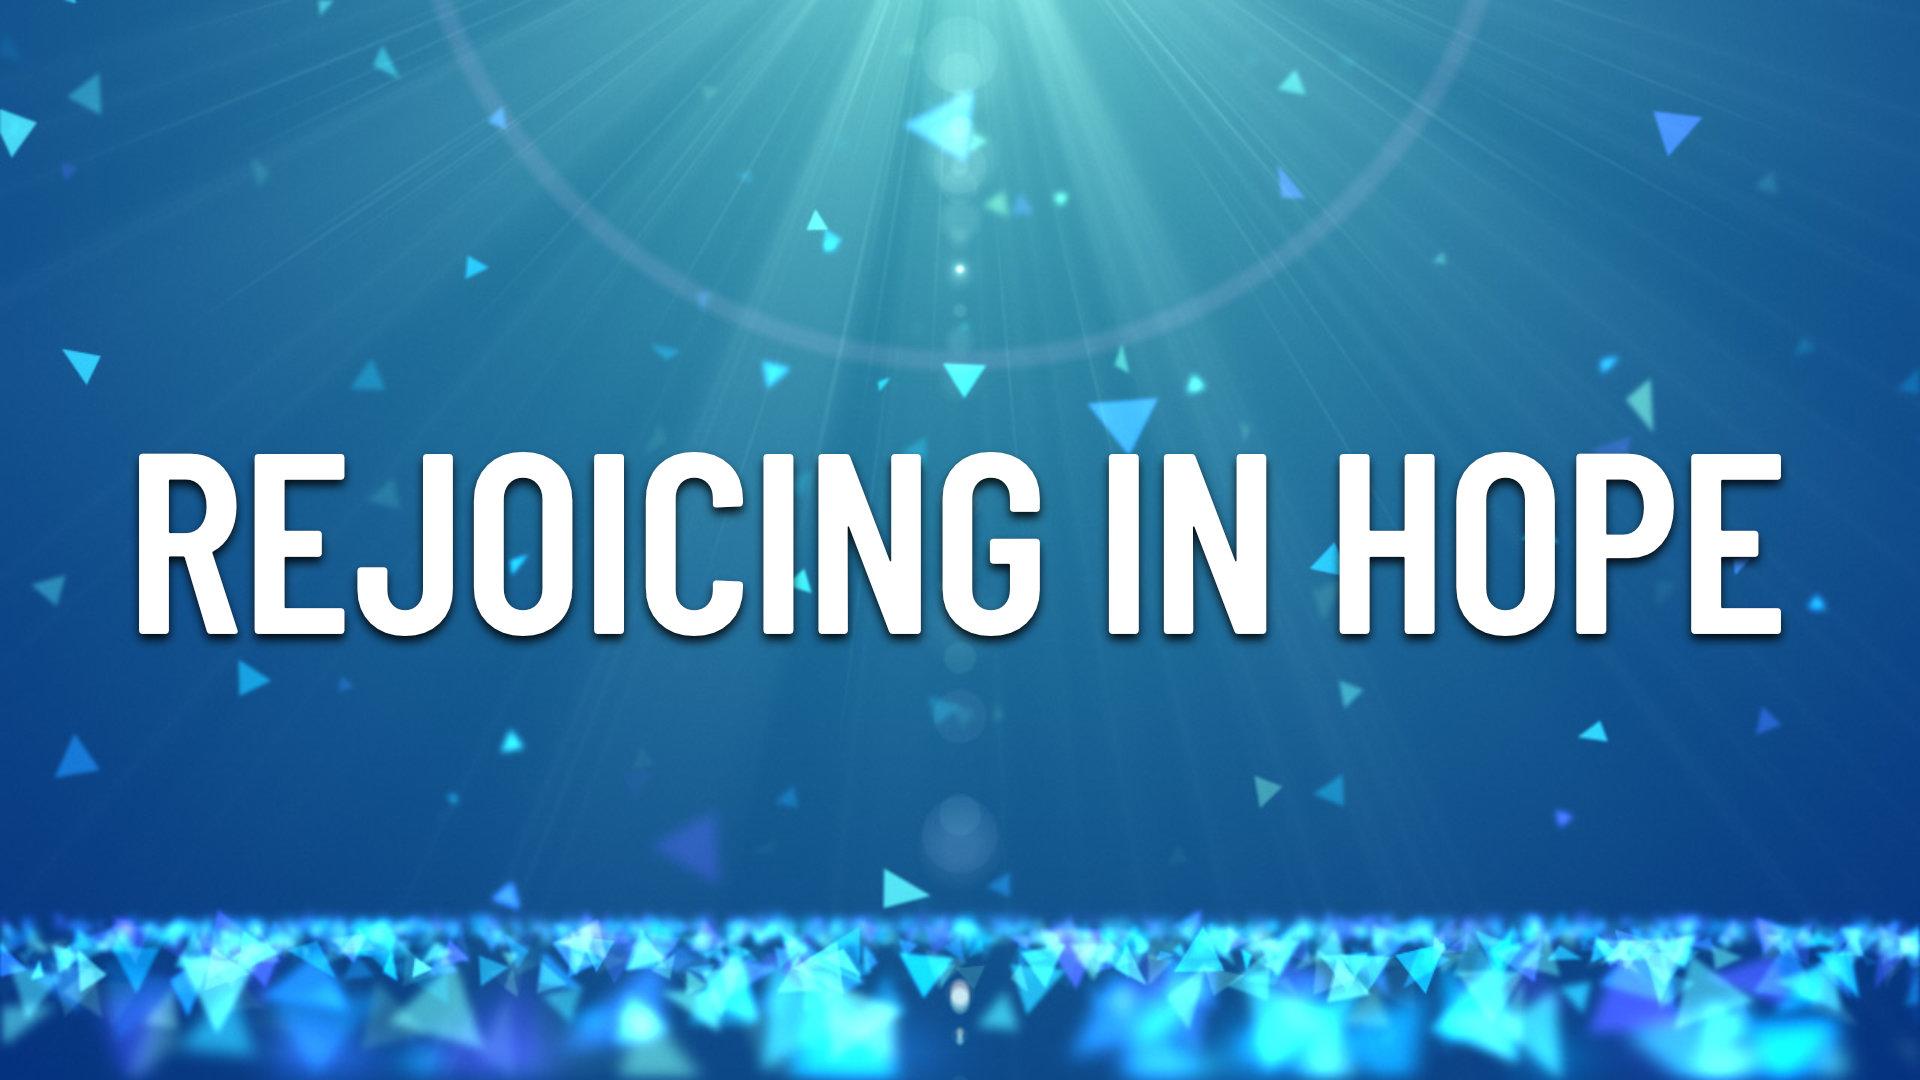 2019-05-12 Rejoicing In Hope.jpg